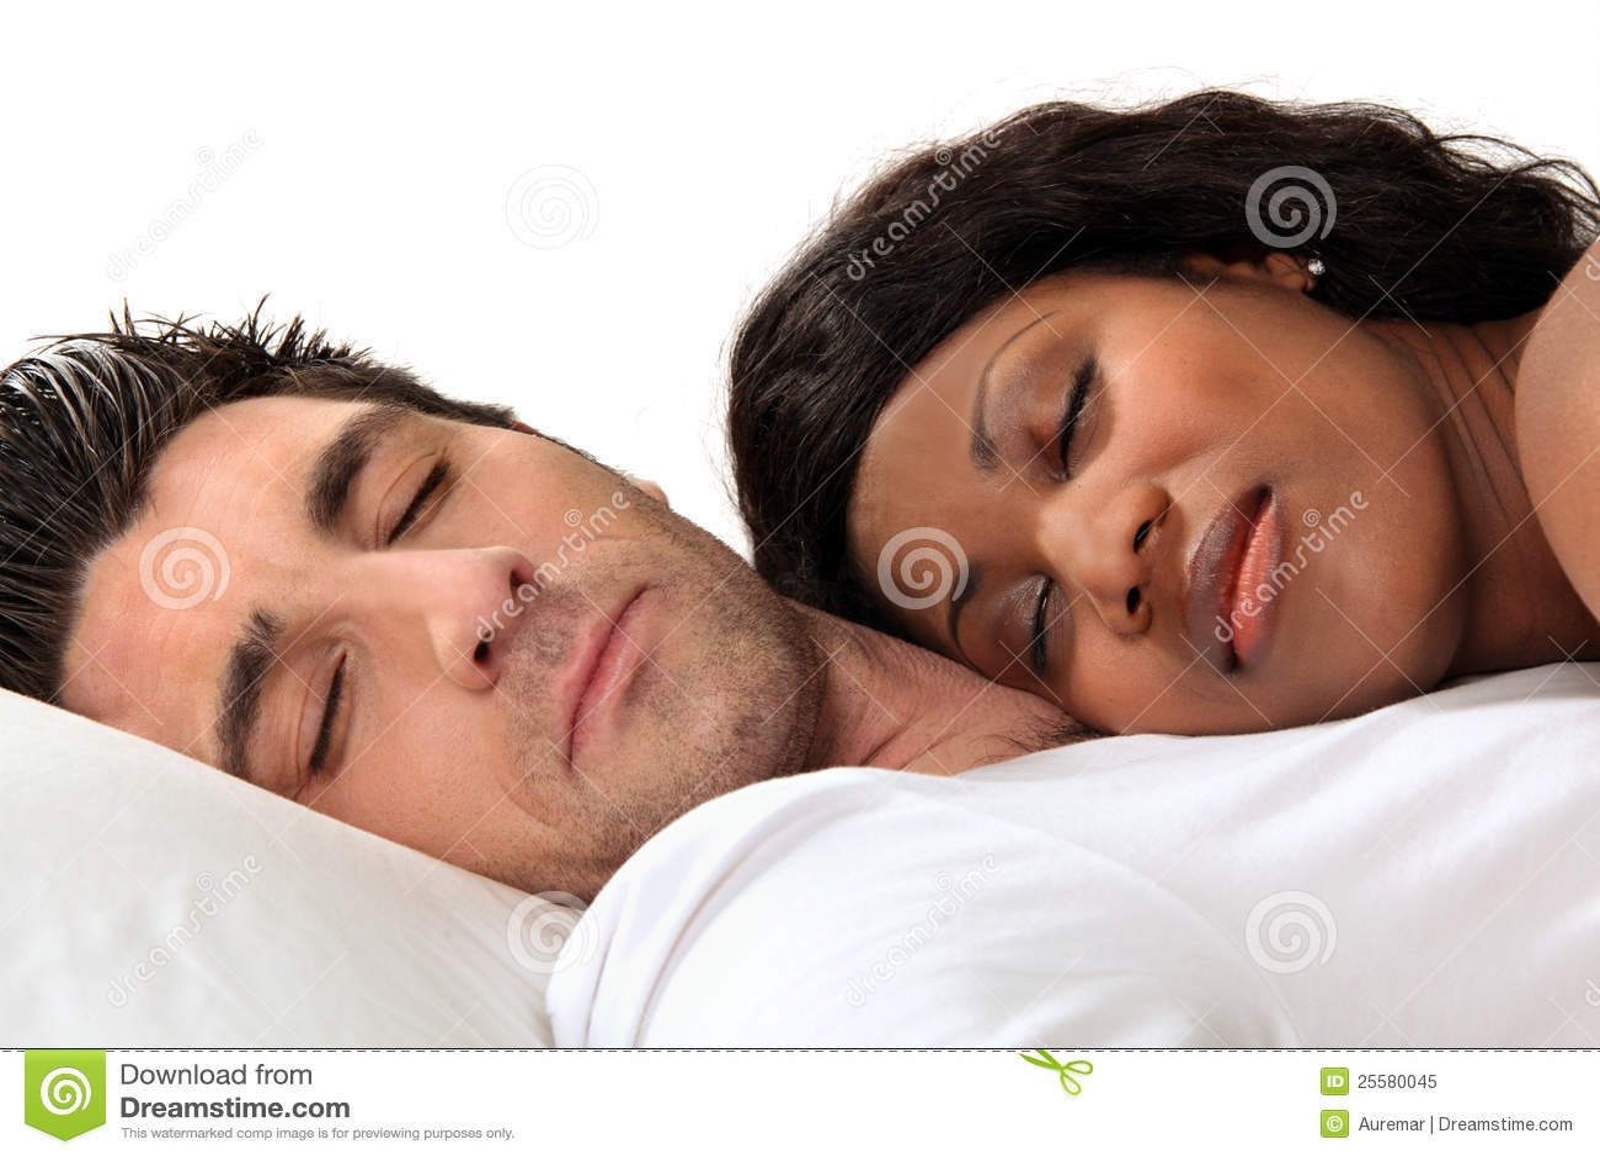 De slaap van de vrouw op haar echtgenoot